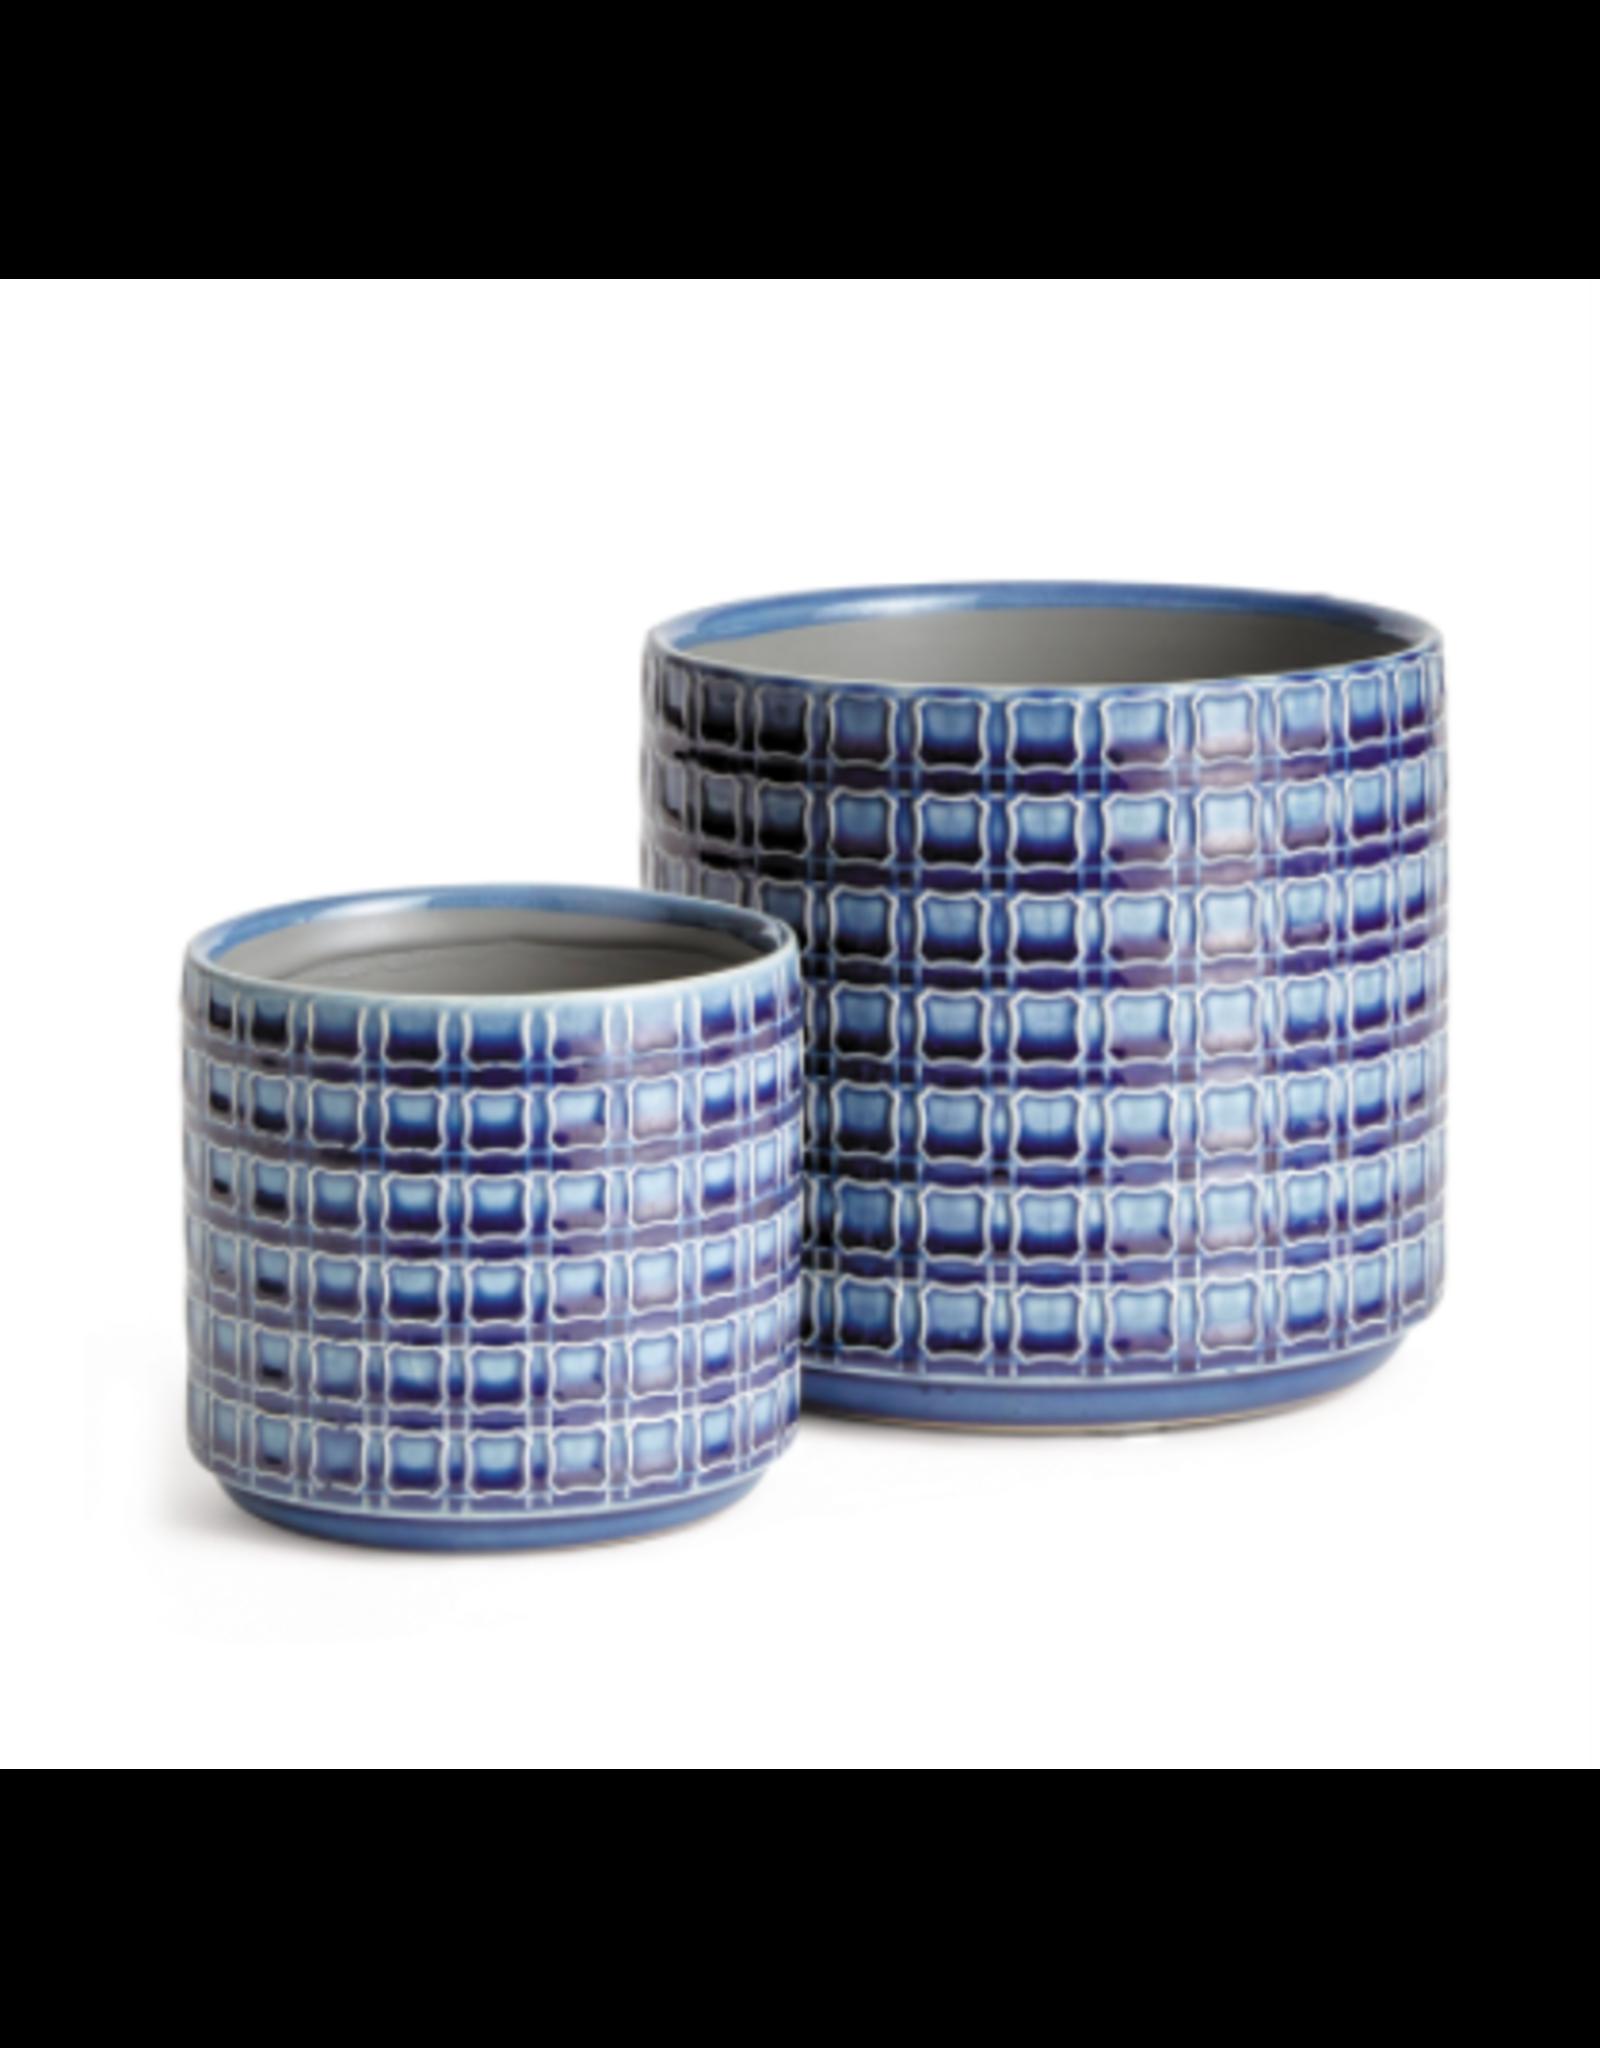 Napa Home & Garden Nolen Pot in Navy 6.75 x 6.75 x 6.75